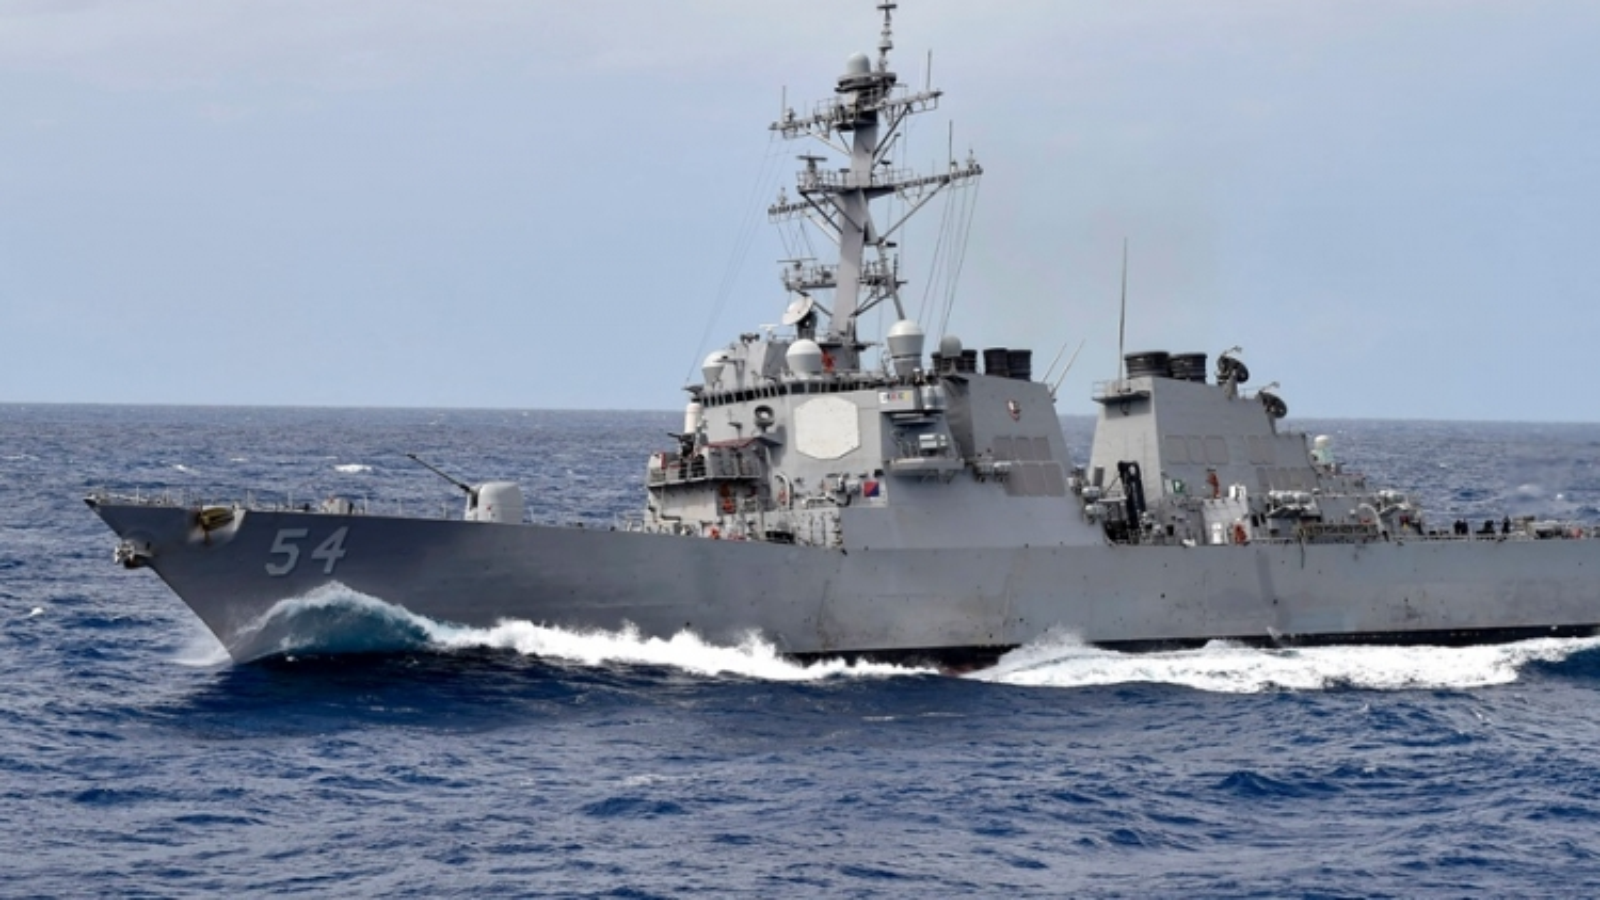 Tàu chiến Mỹ qua eo biển Đài Loan, Trung Quốc tuyên bố sẵn sàng đối phó mọi đe dọa